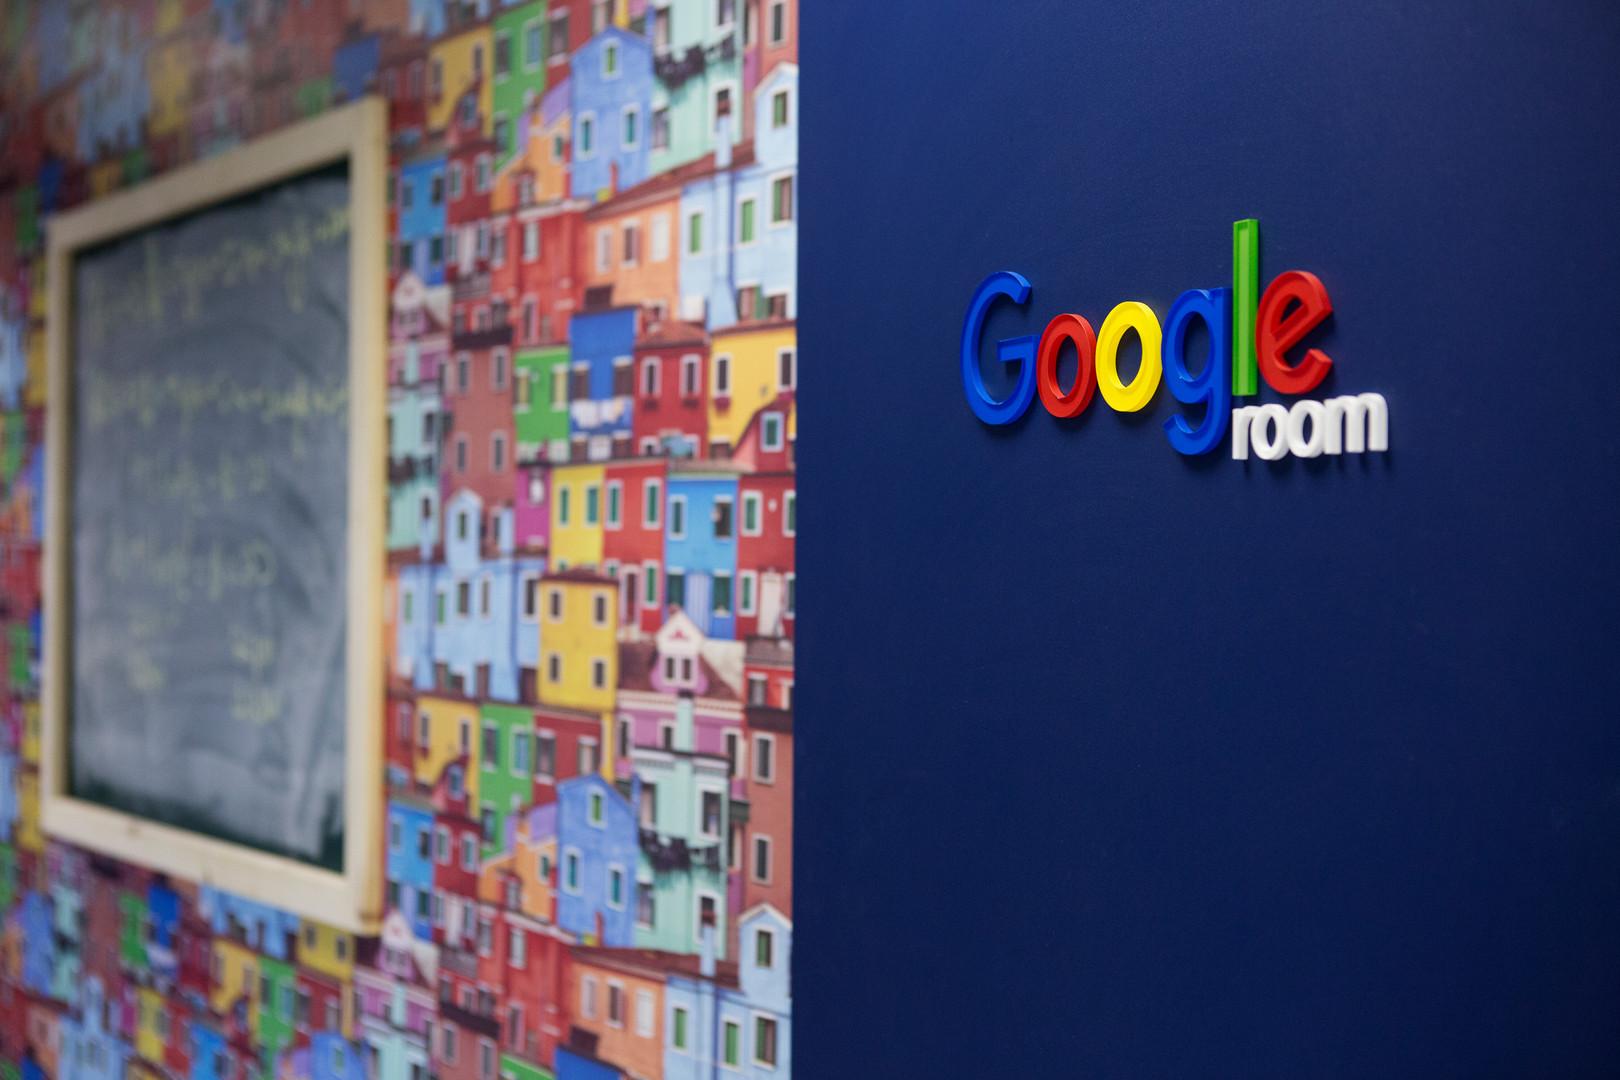 משרד בחסות גוגל